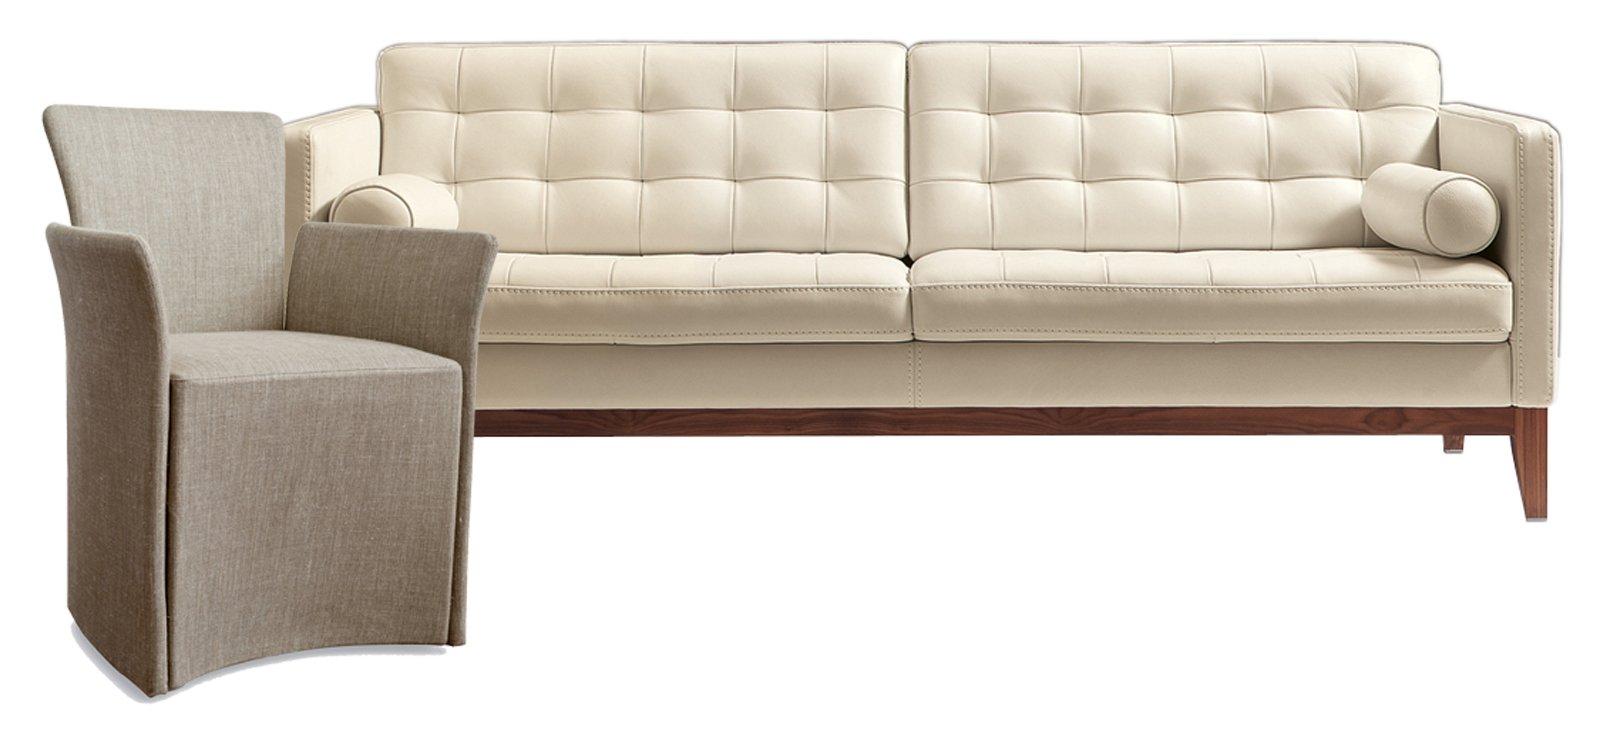 Ricoprire divano in ecopelle idee per il design della casa for Rivestire divano